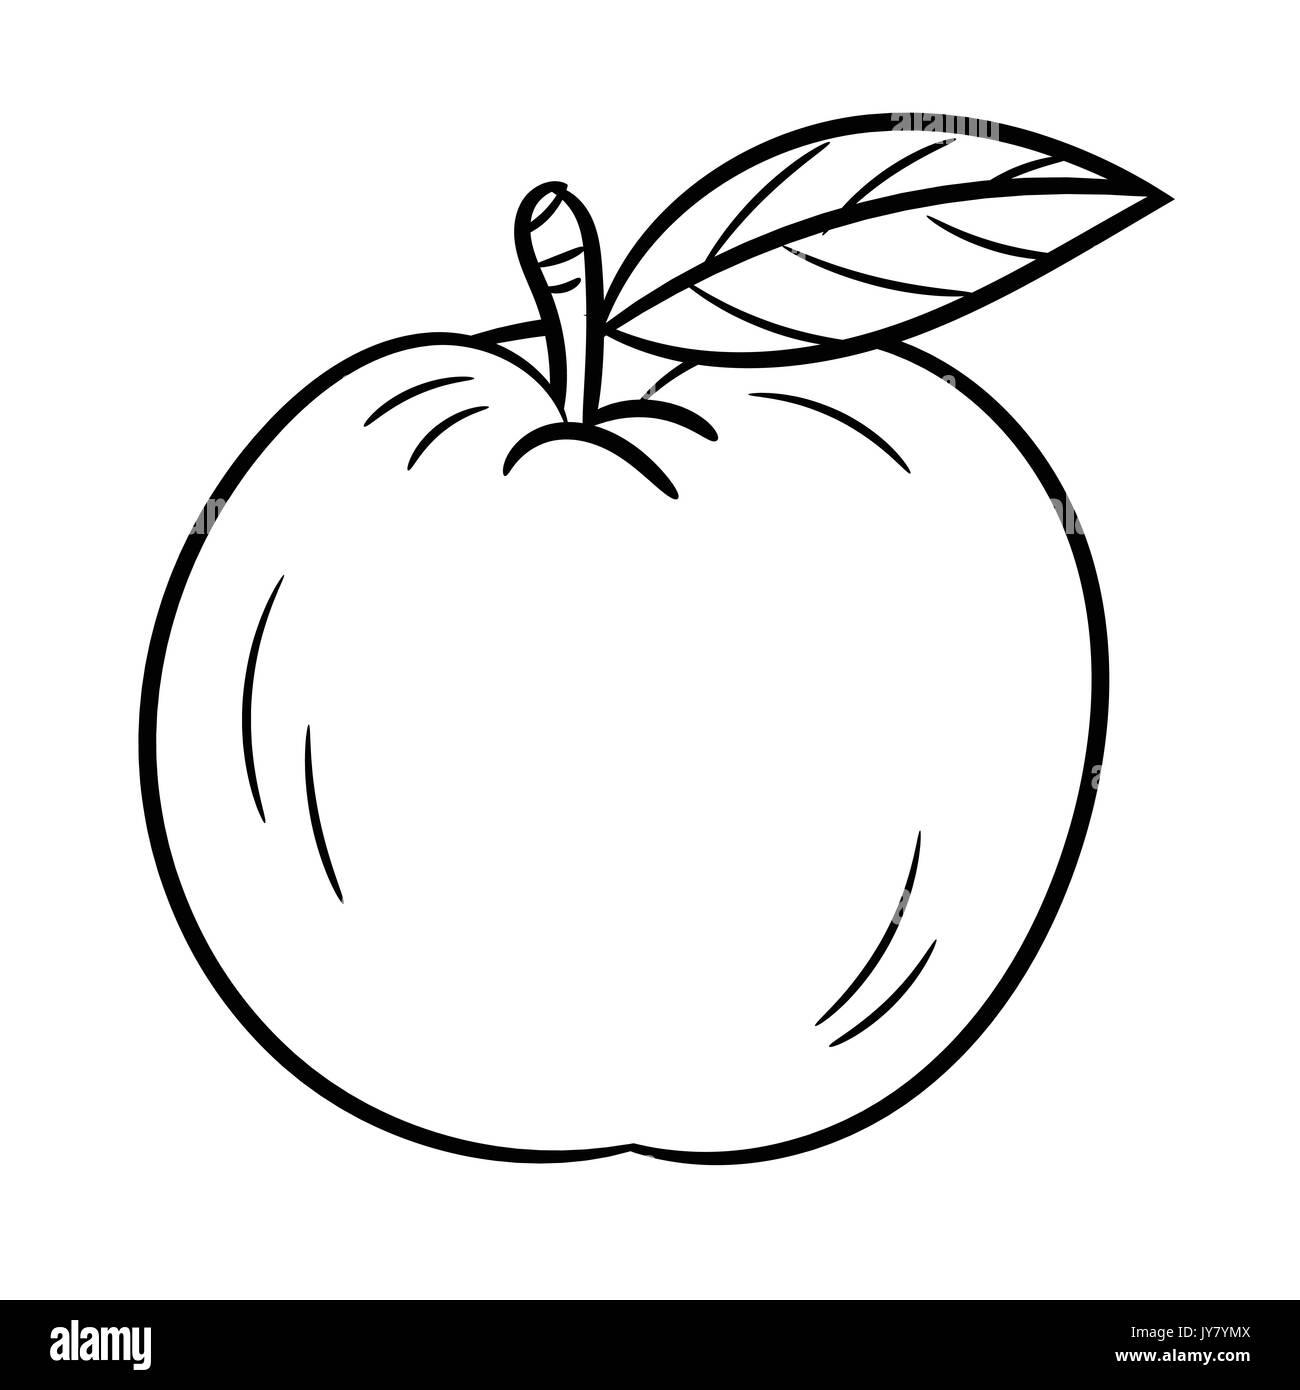 Croquis dibujados a mano de manzanas aisladas, caricatura en blanco ...